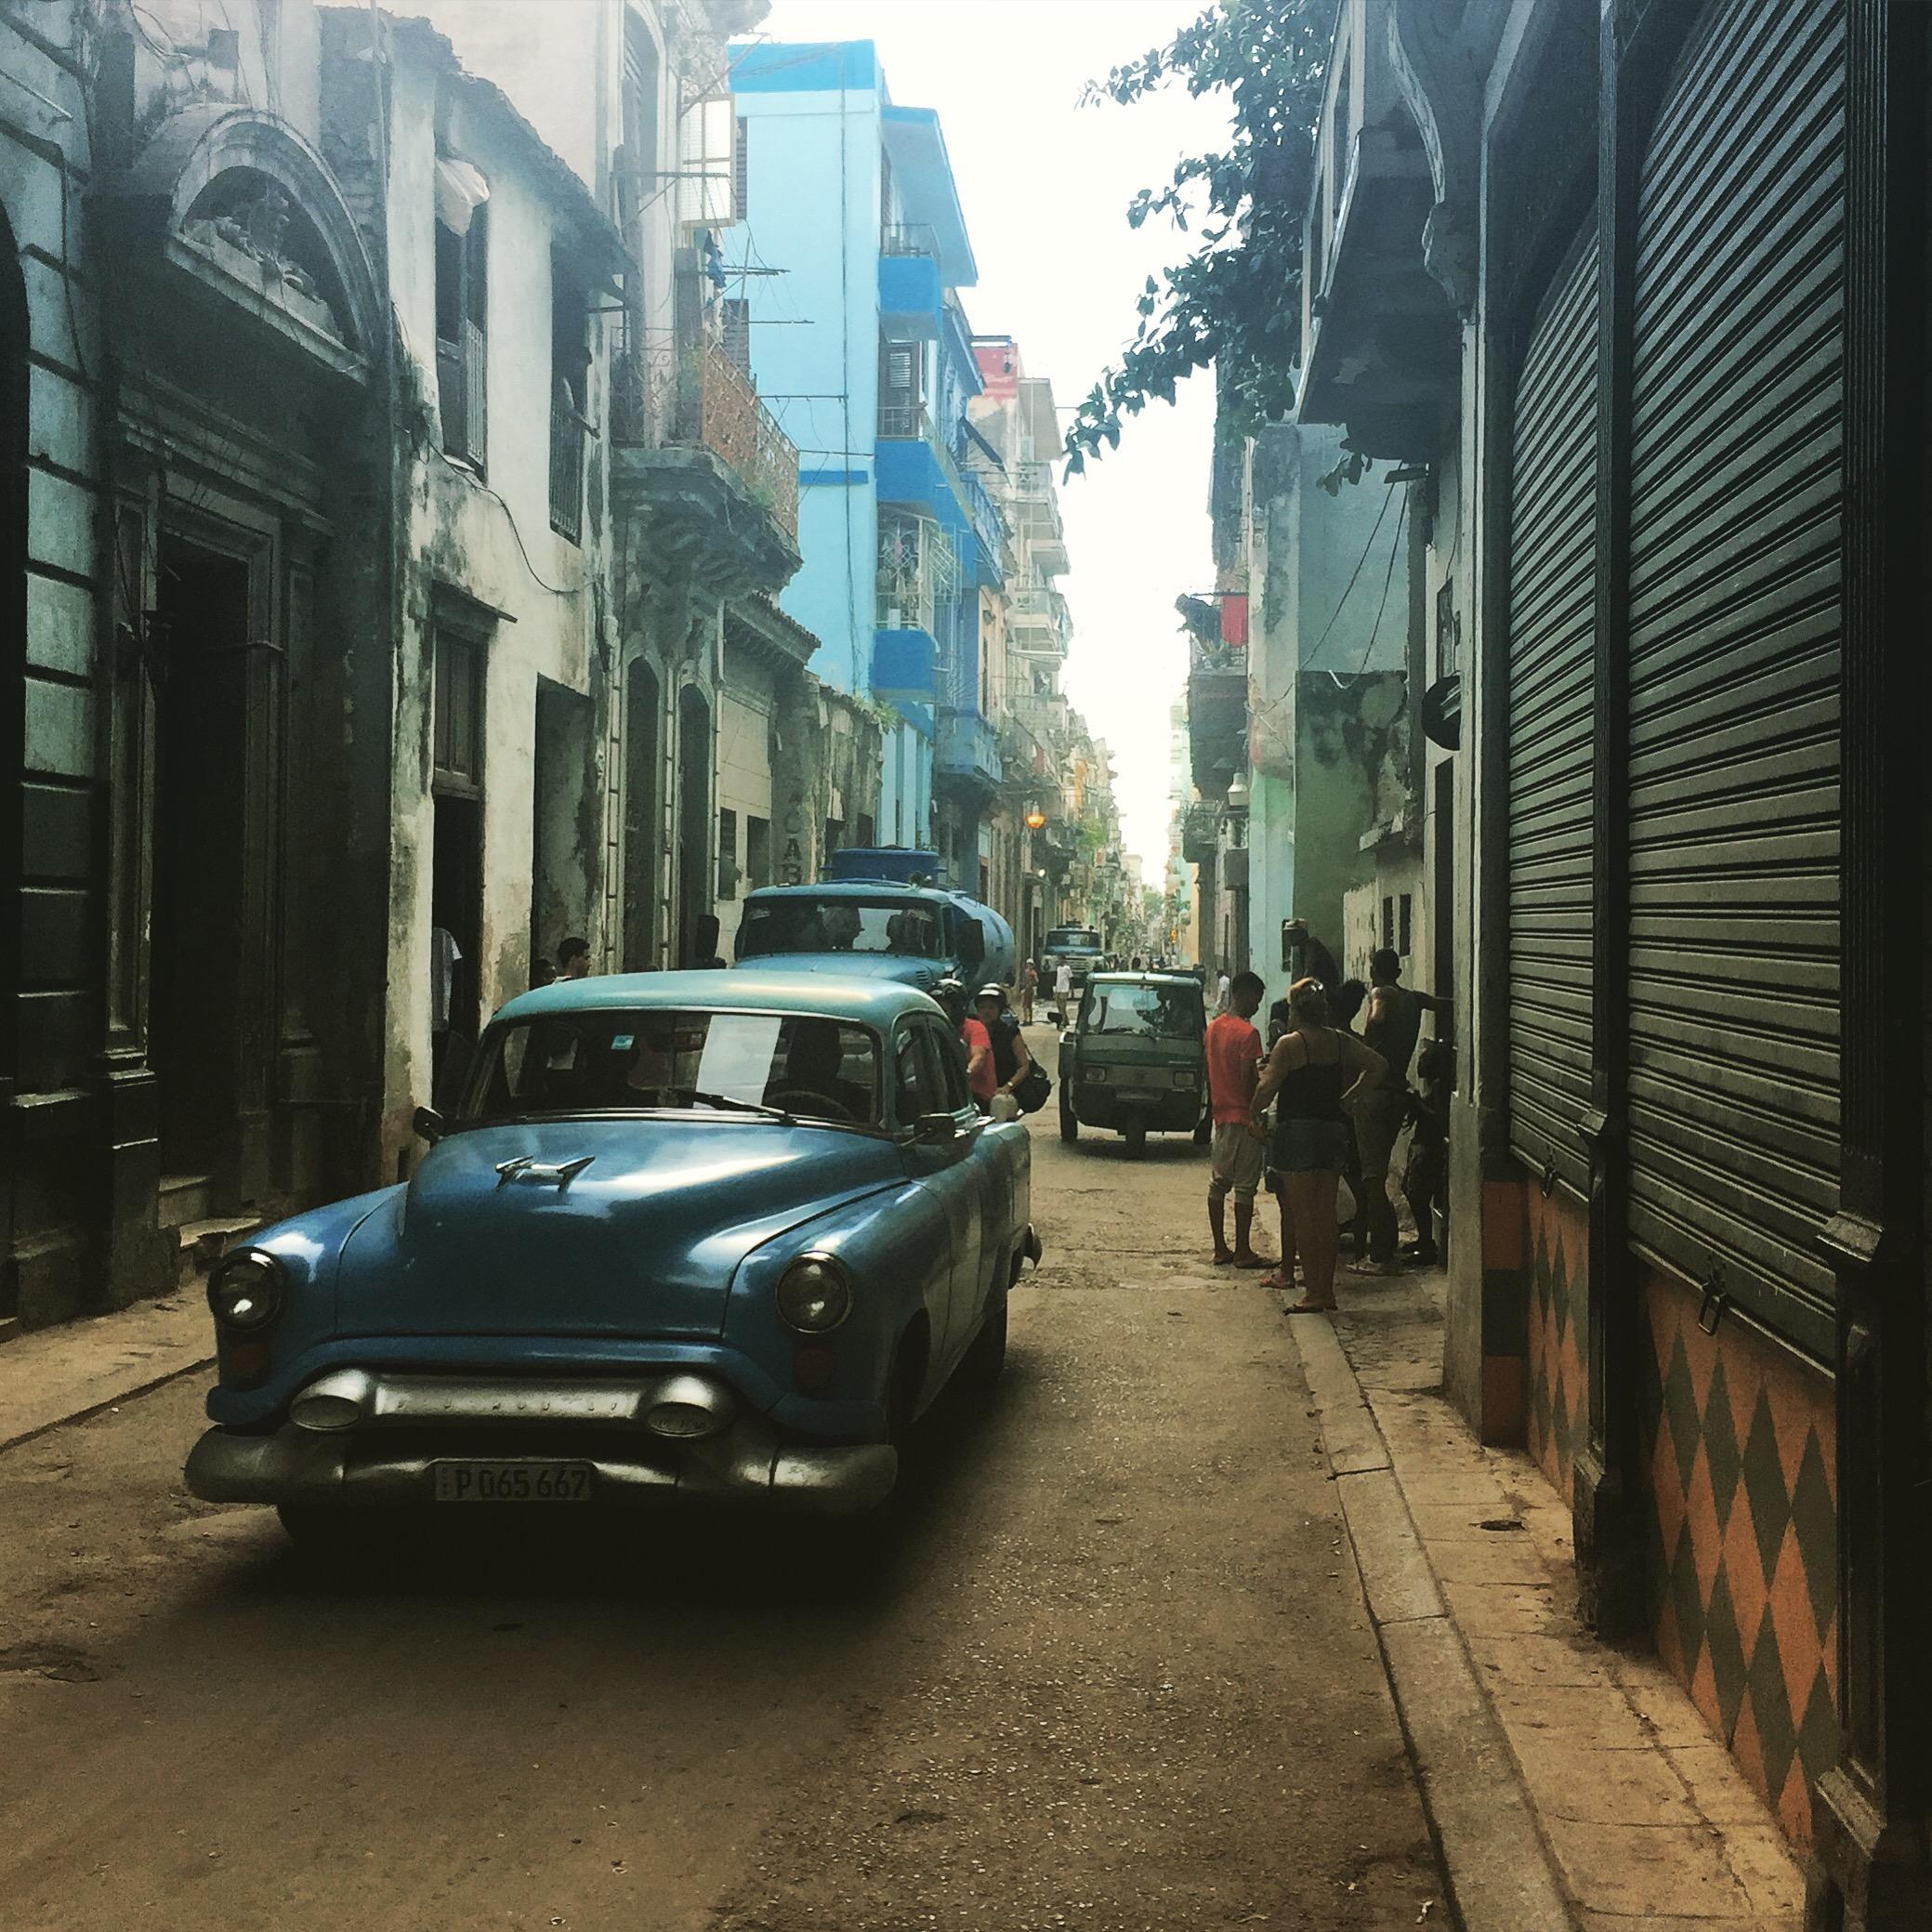 الحياة كما تبدو في هافانا القديمة